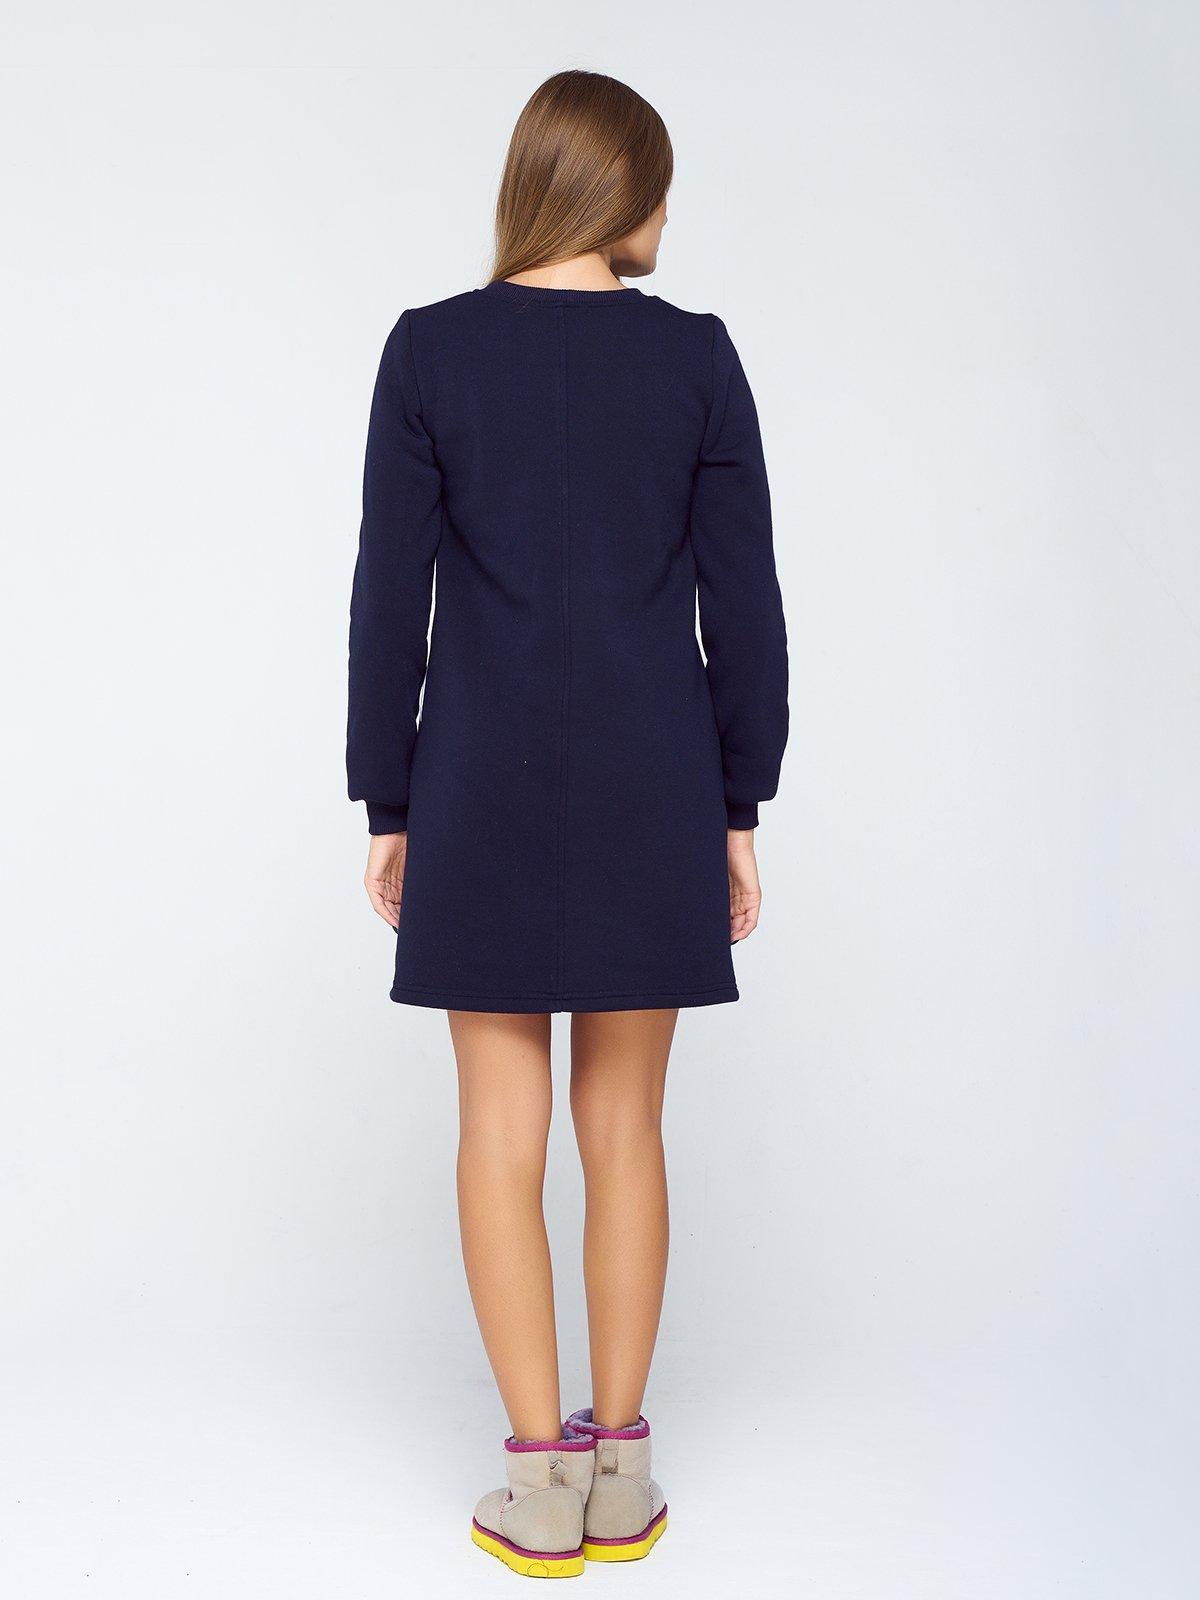 Сукня темно-синя з принтом | 2755530 | фото 2